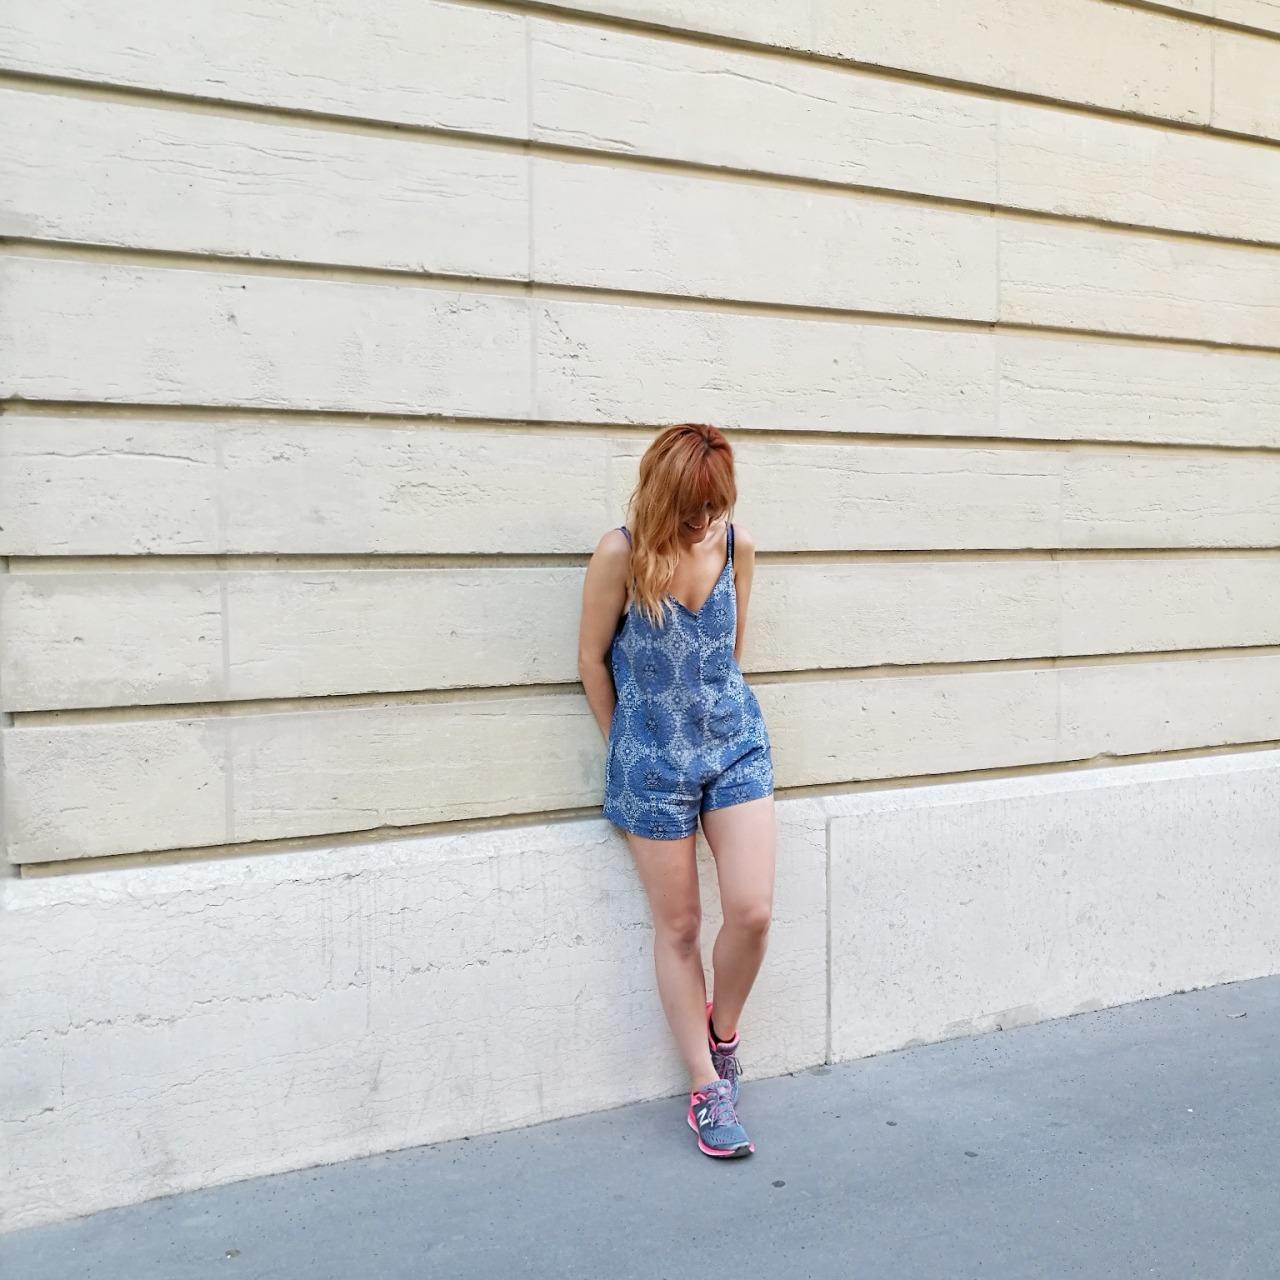 tumblr_ocj8eqpJo71qzipnzo10_1280.jpg